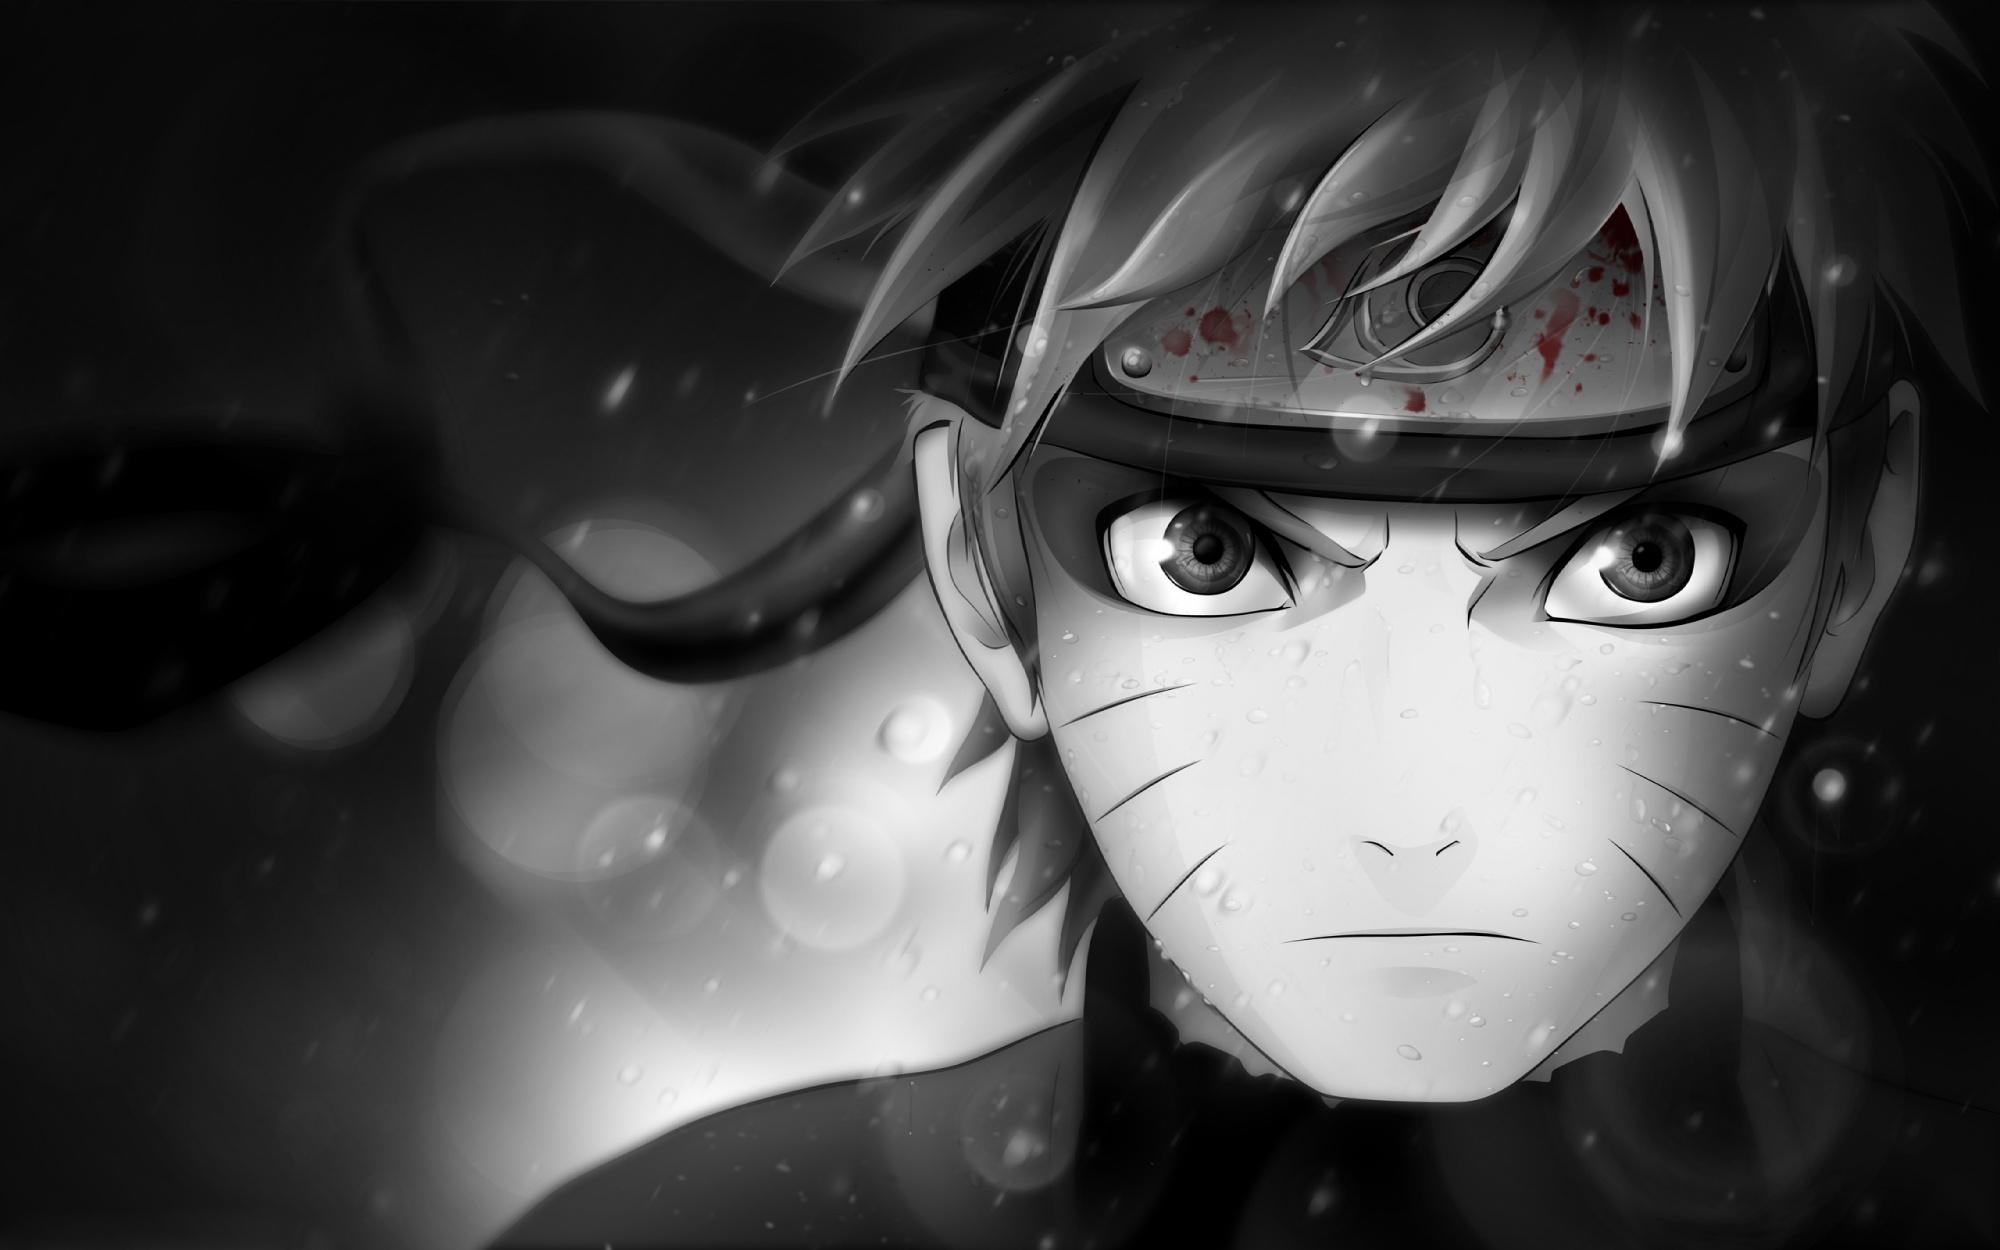 Naruto Shippuden wallpaper 12